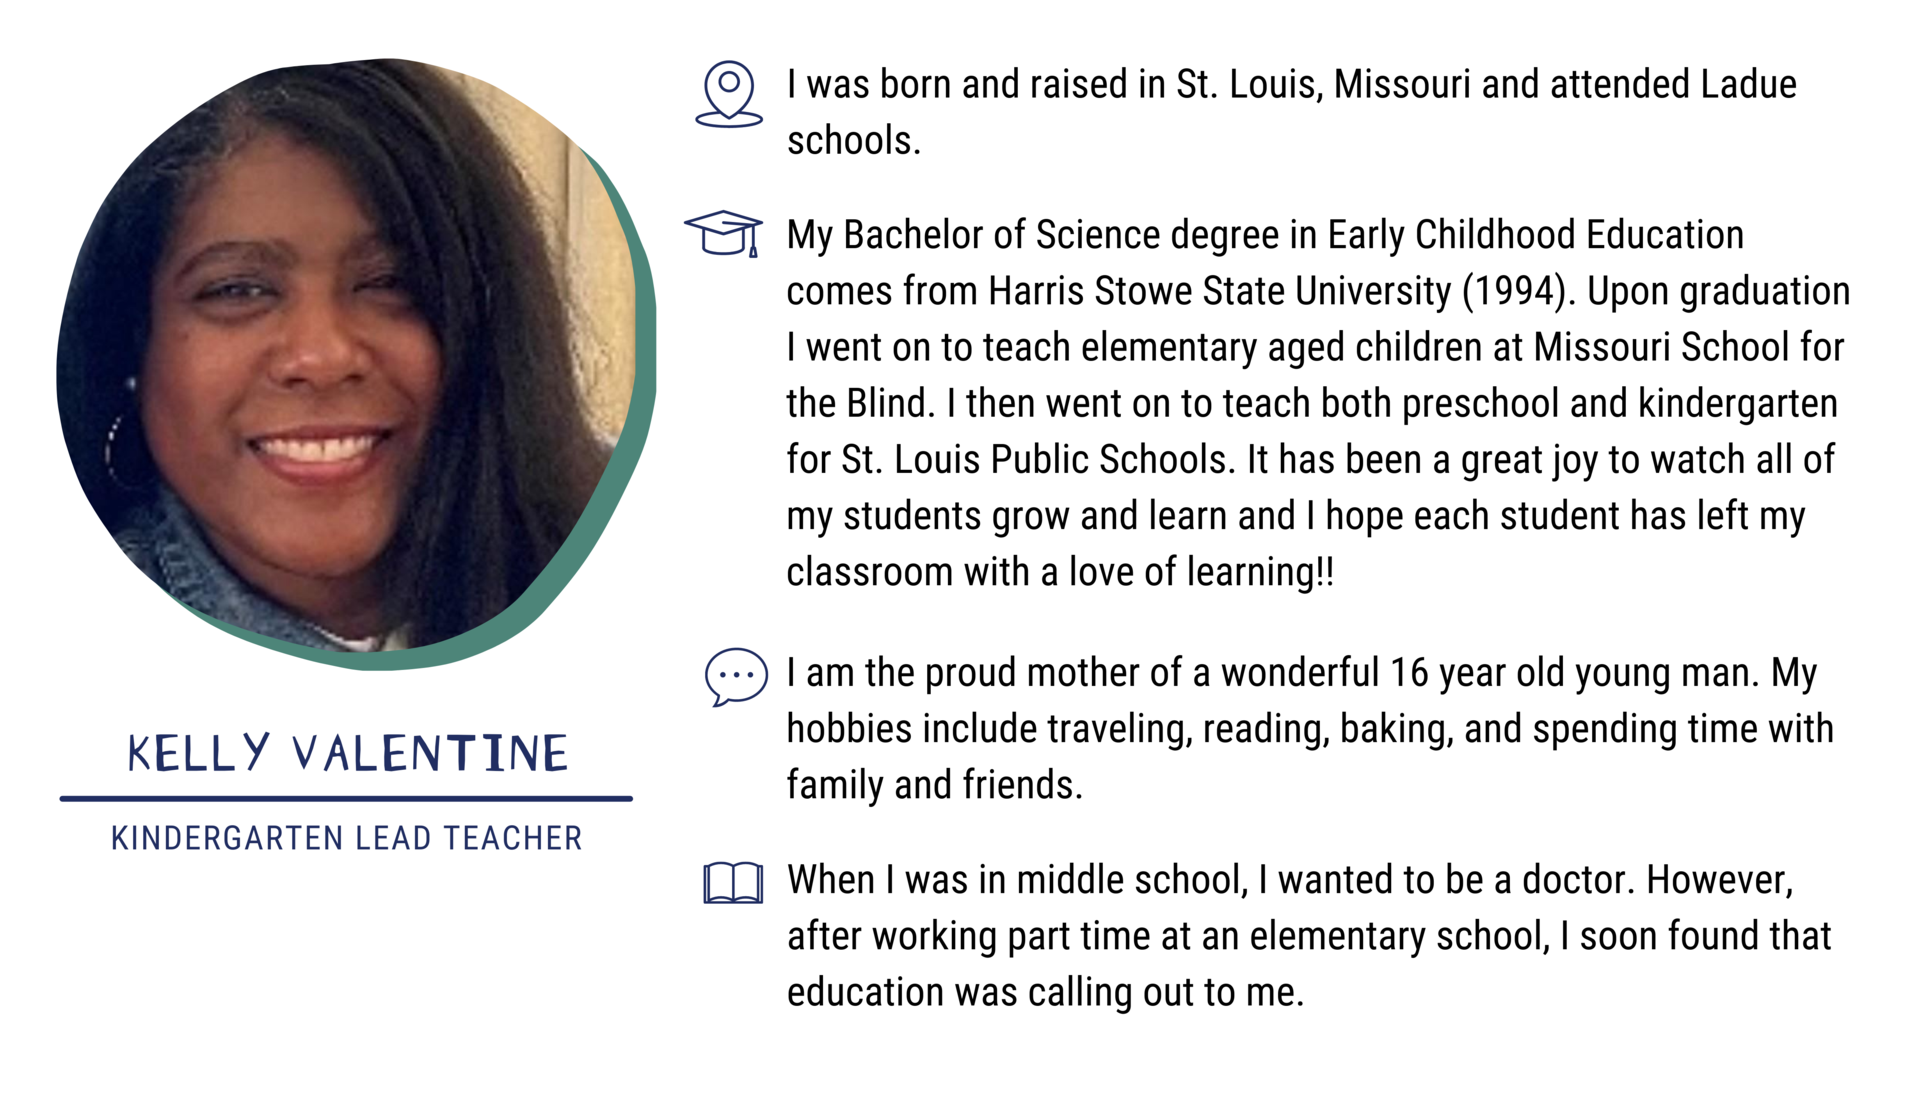 Kelly Valentine, Kindergarten